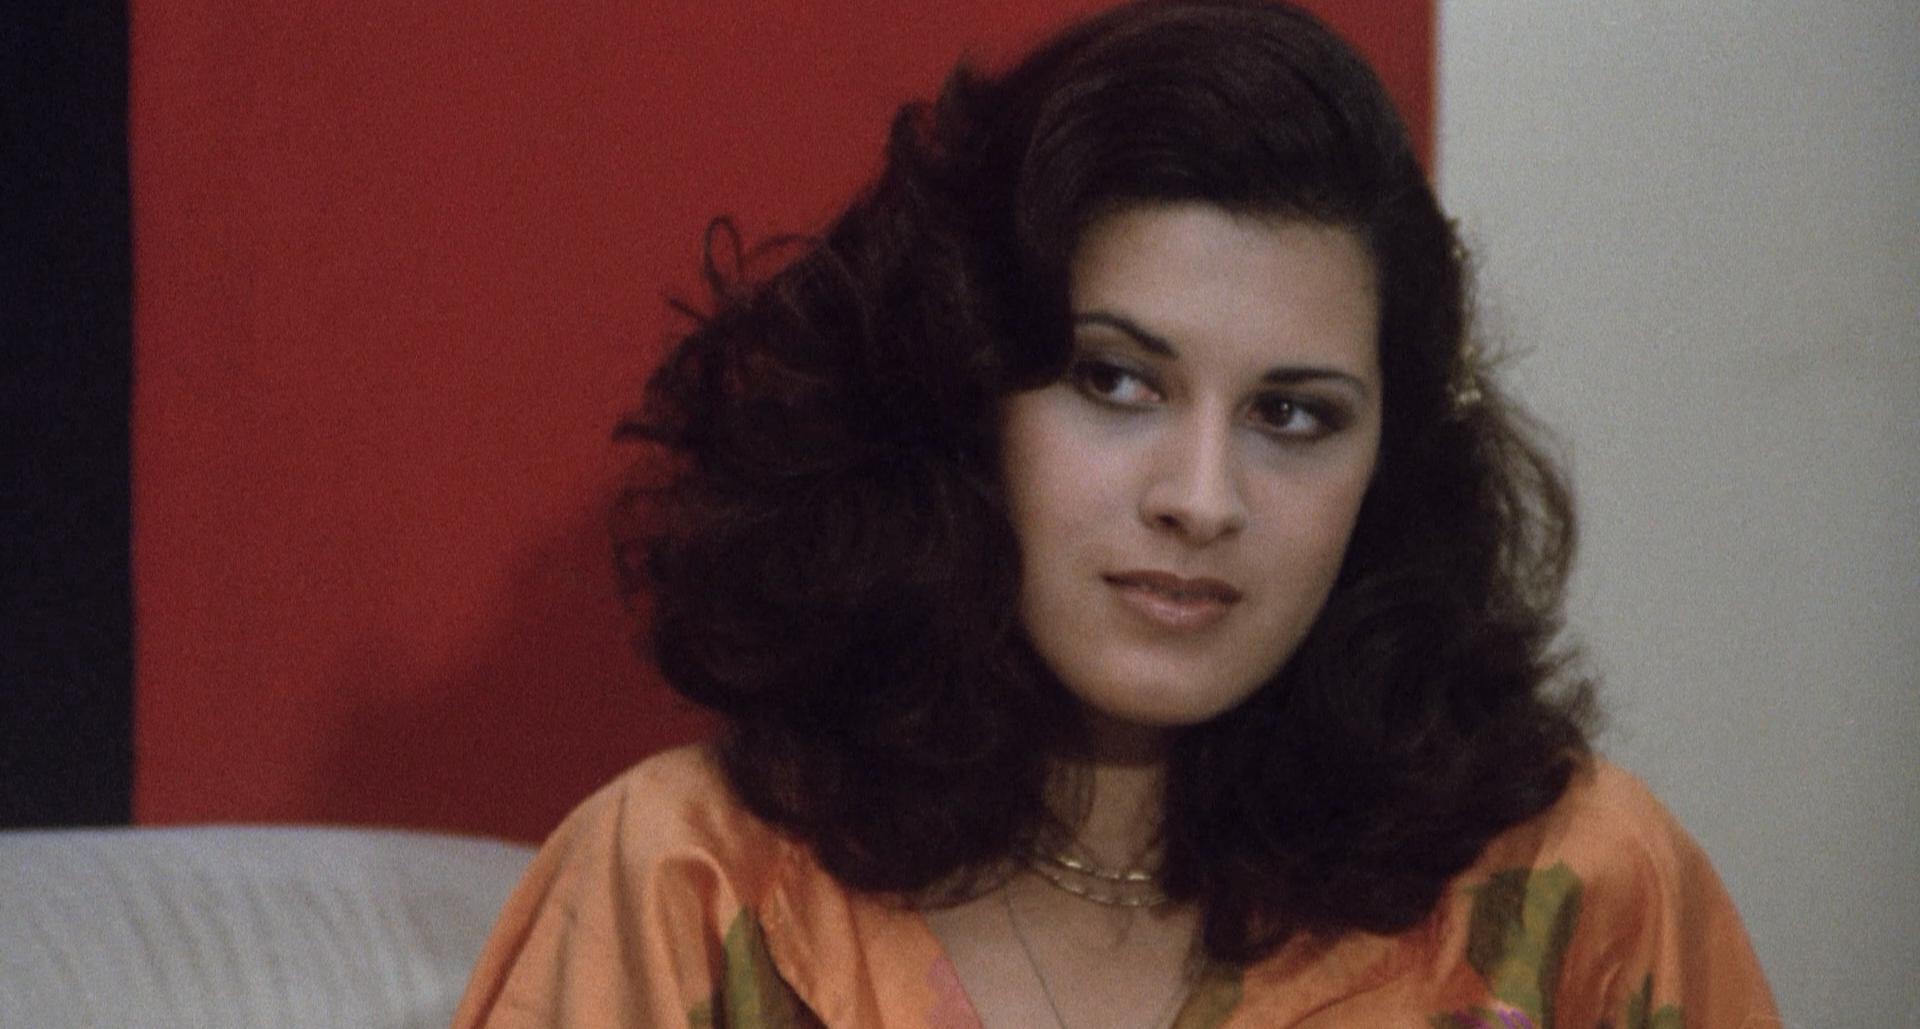 Licinia Lentini in Avere vent'anni (1978)